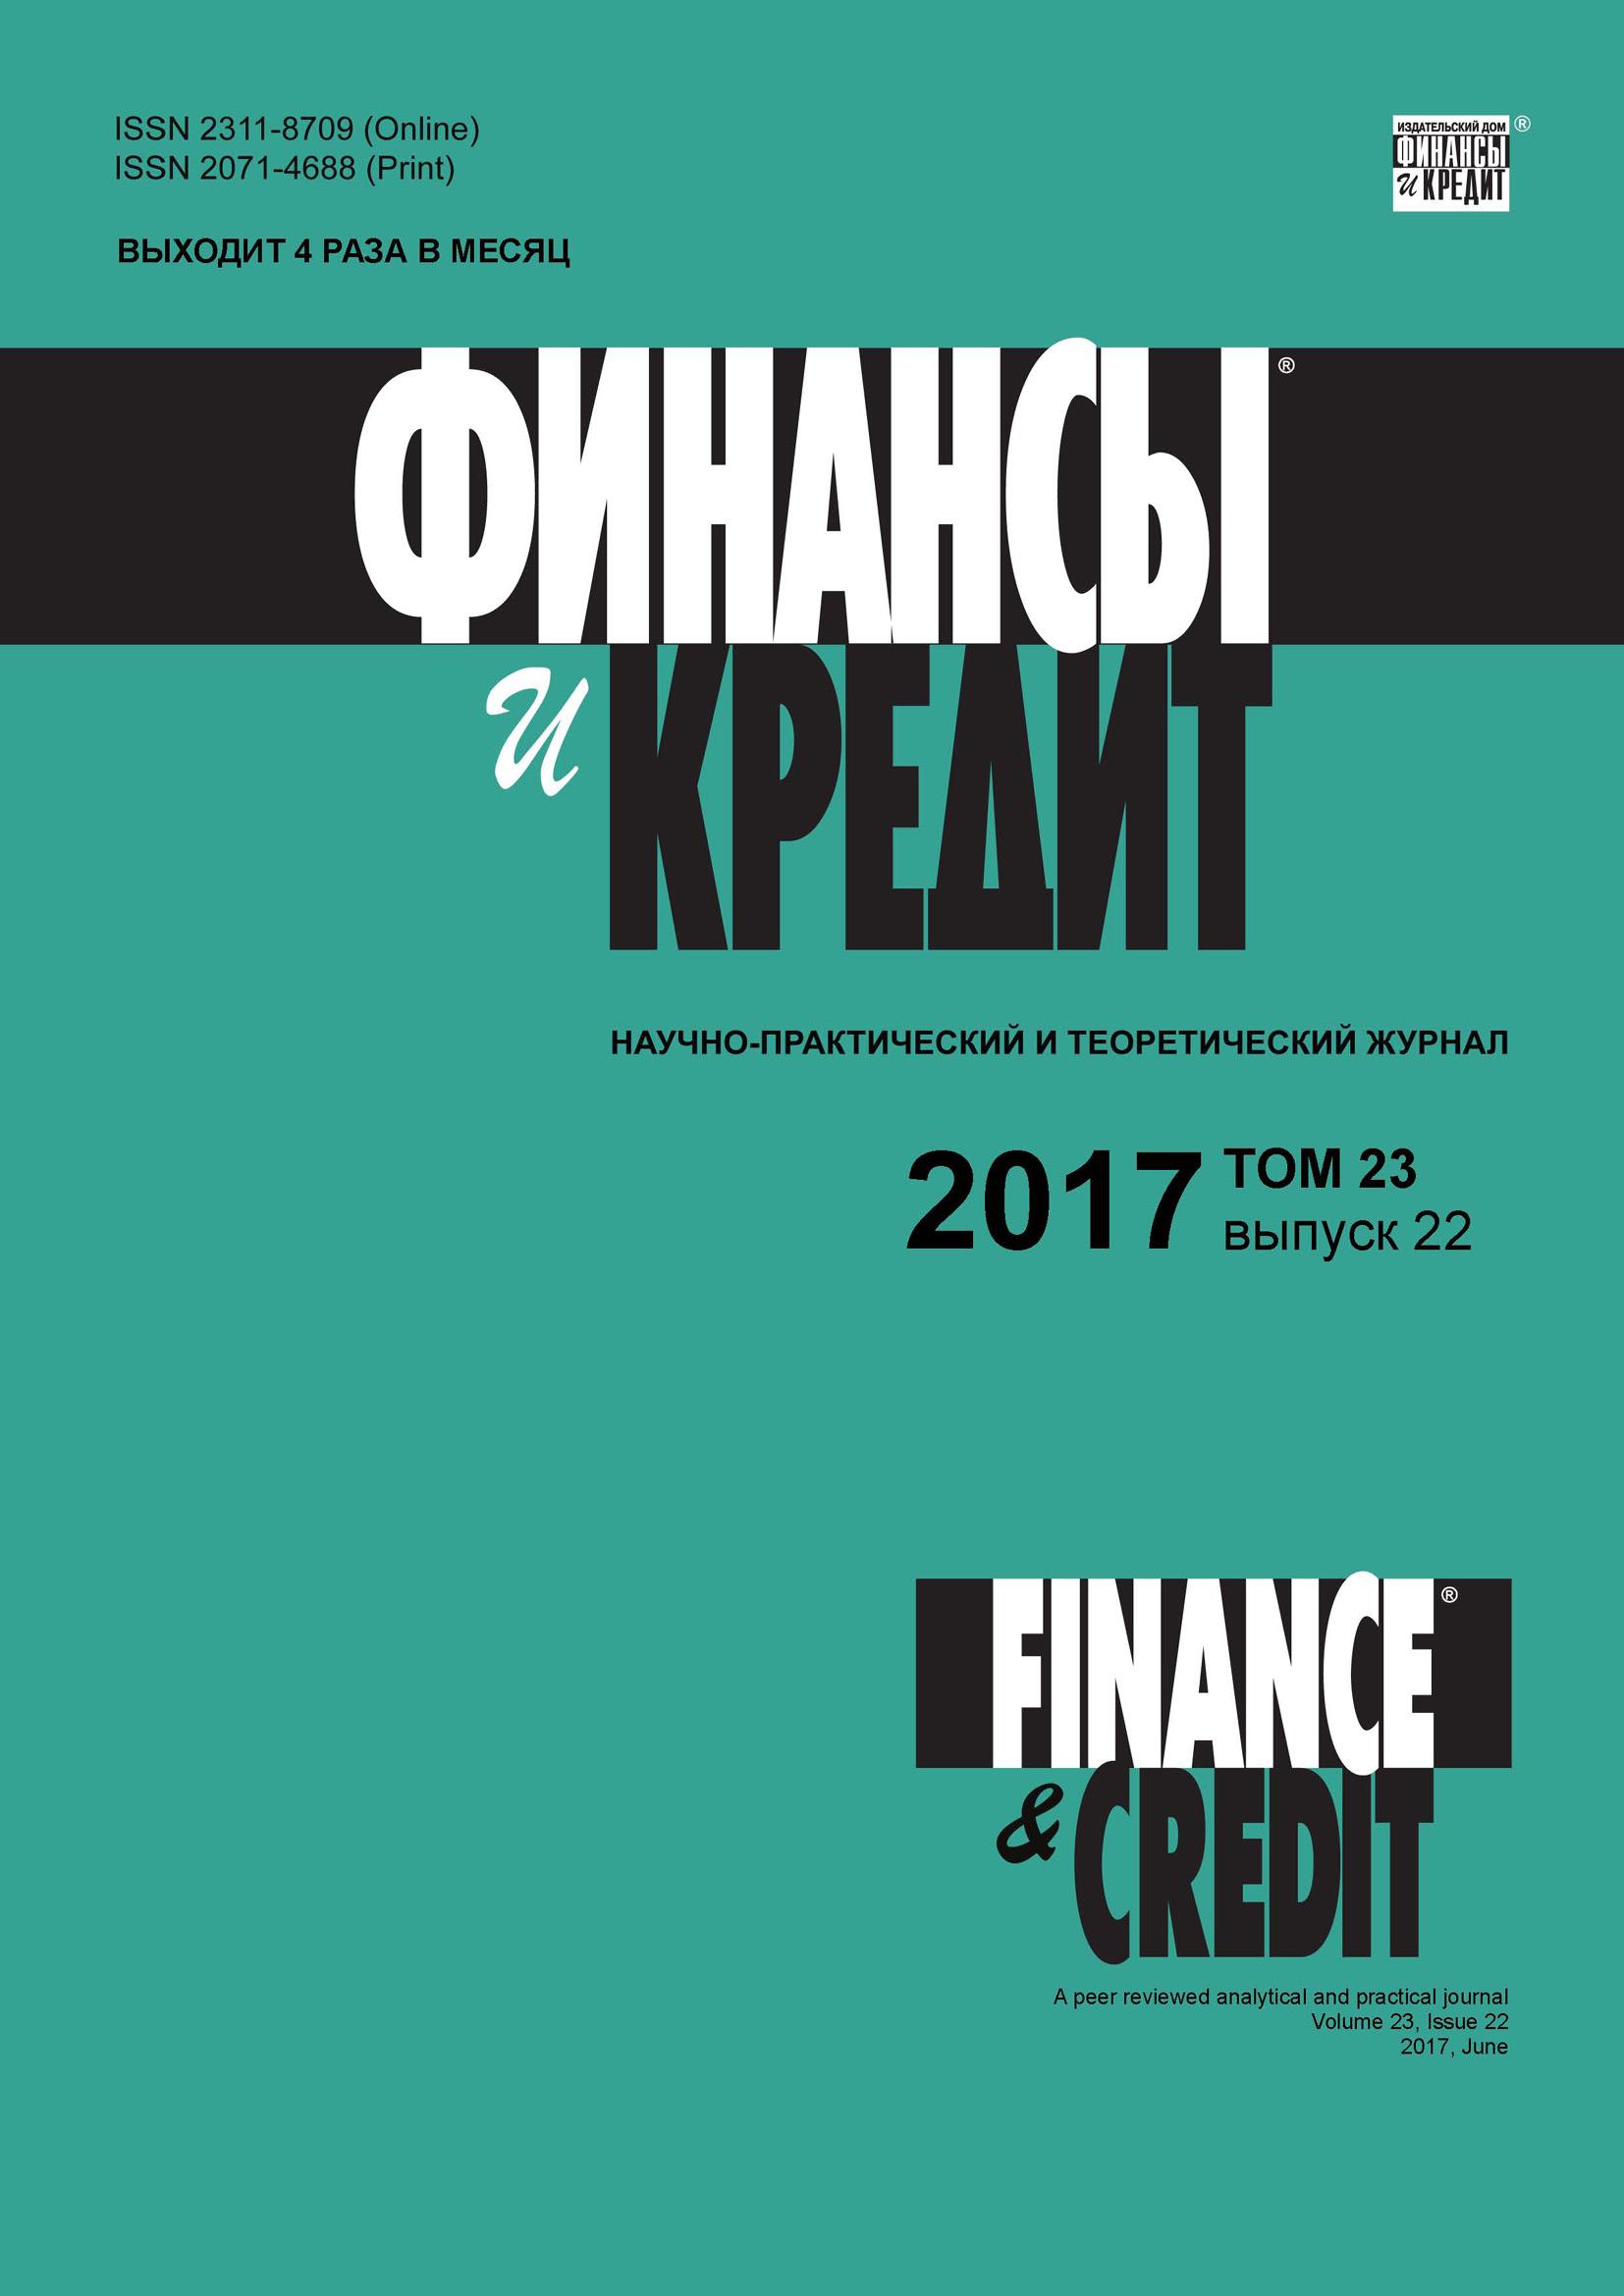 Финансы и Кредит № 22 2017